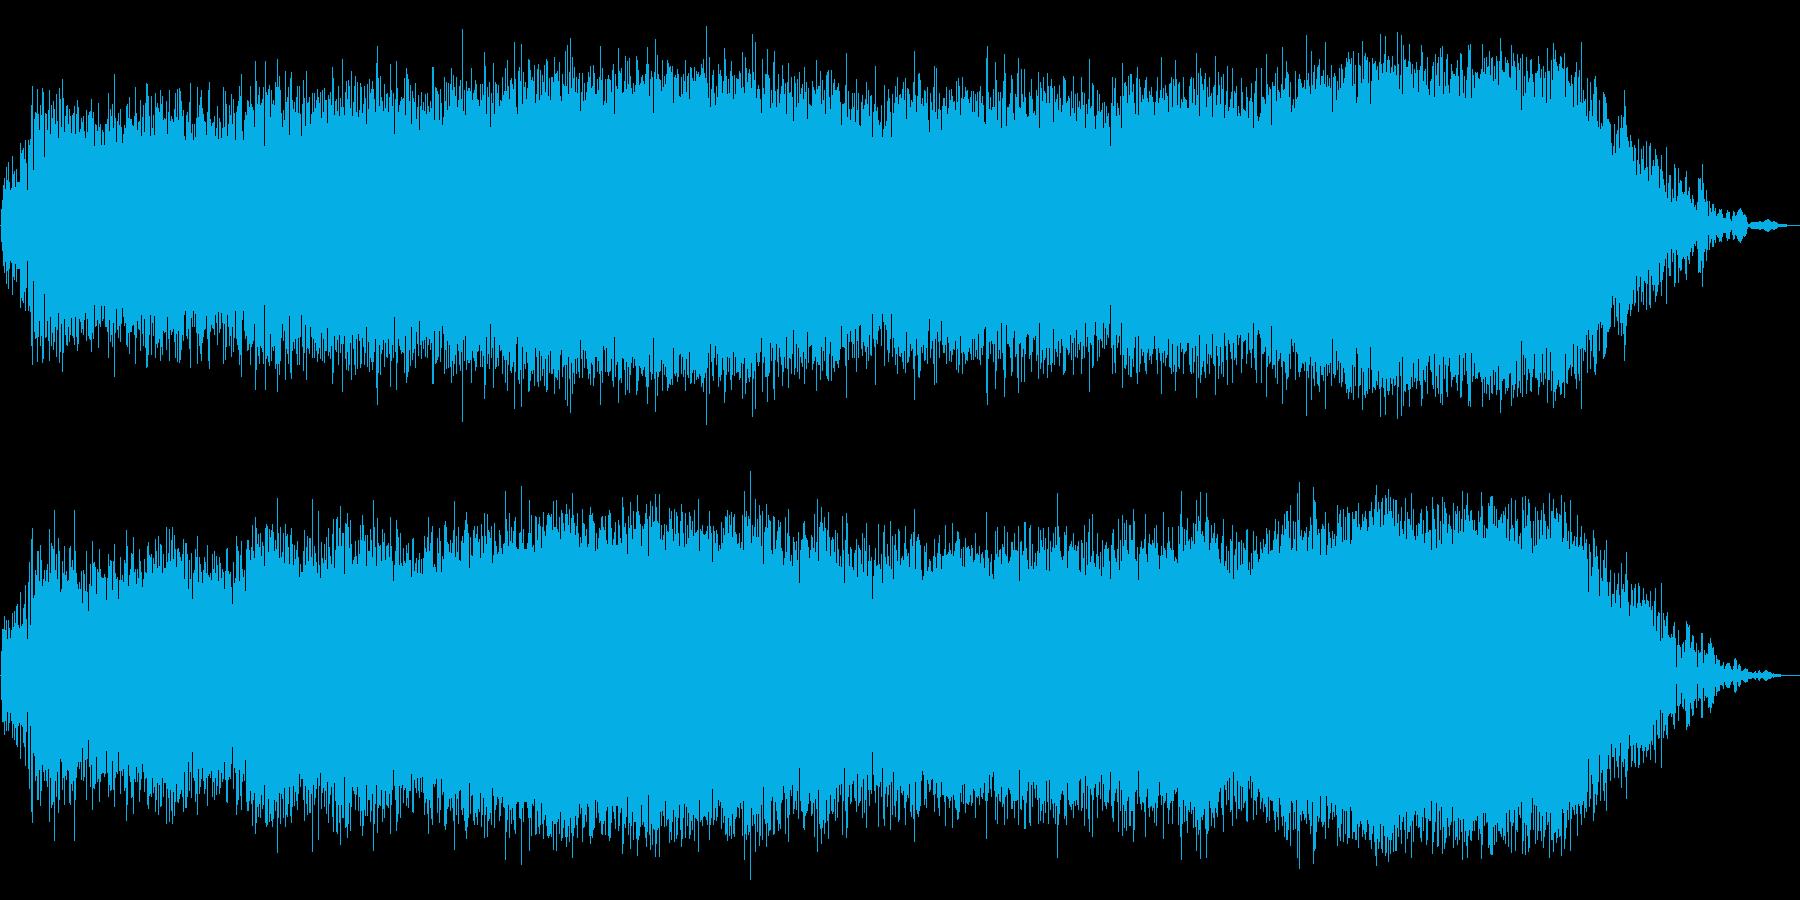 混乱の再生済みの波形